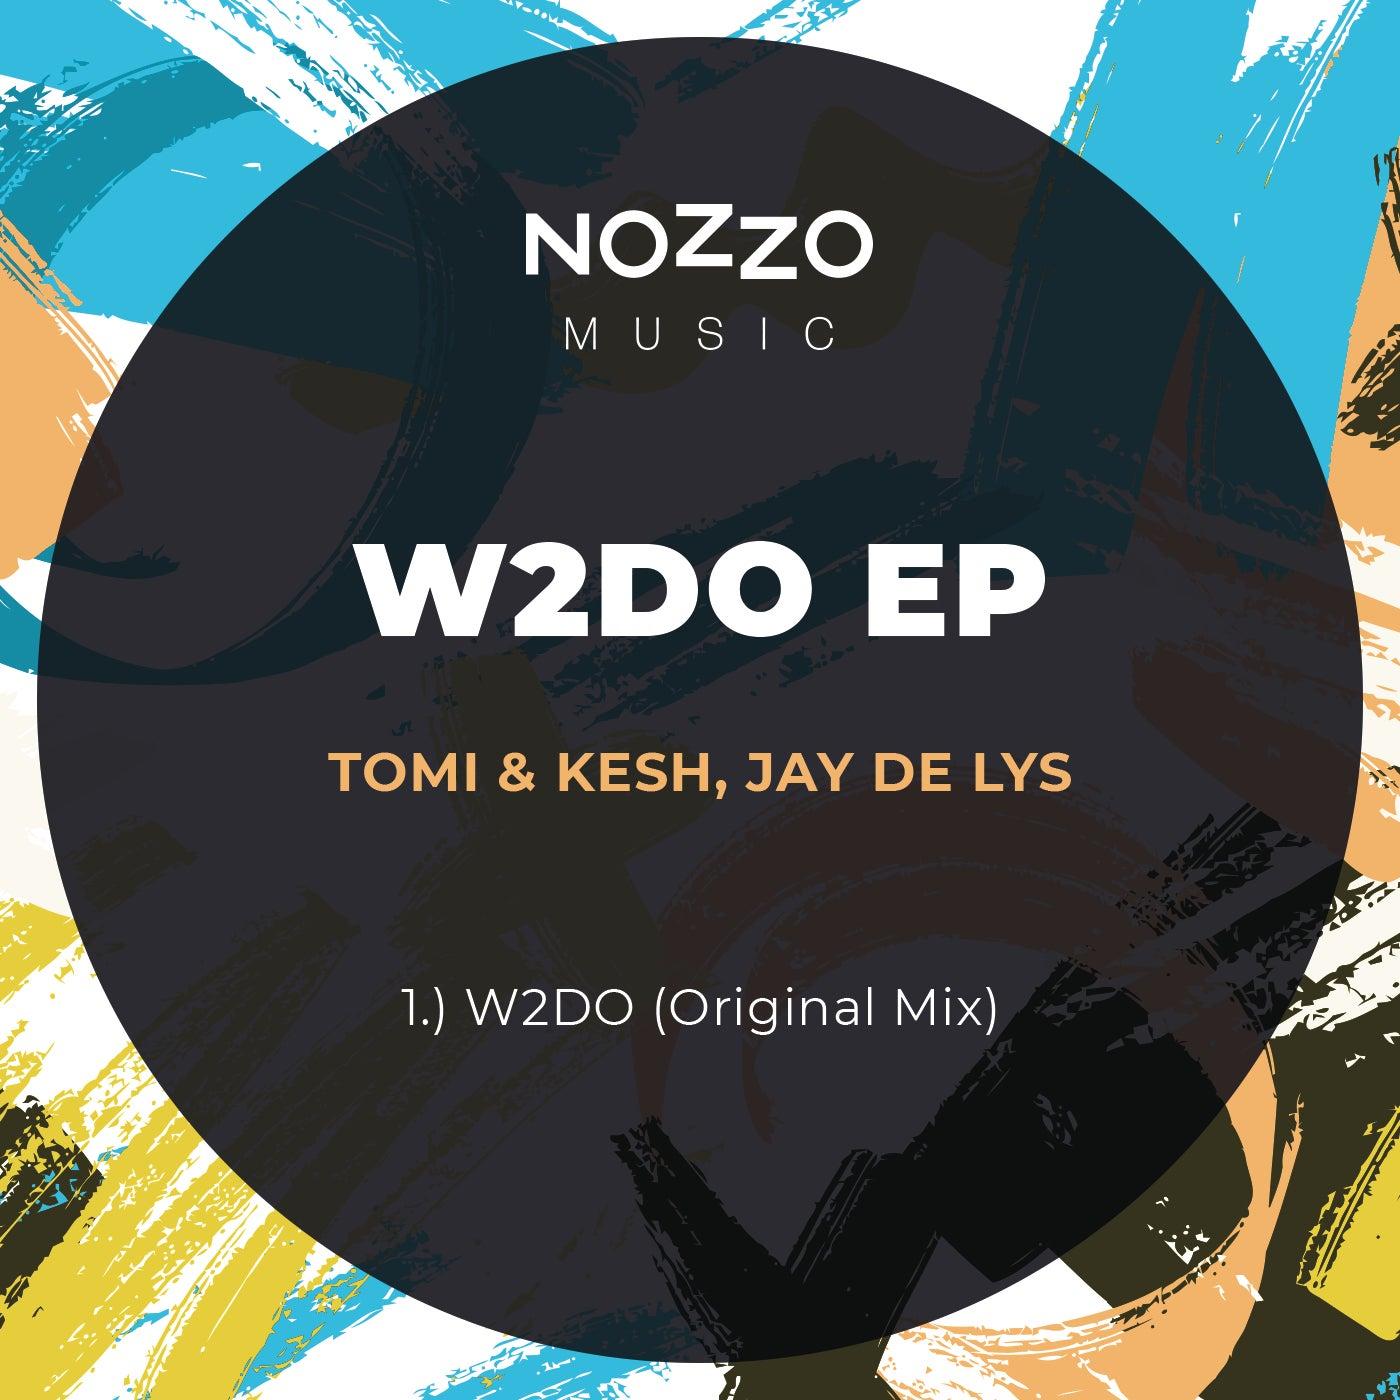 W2DO (Original Mix)